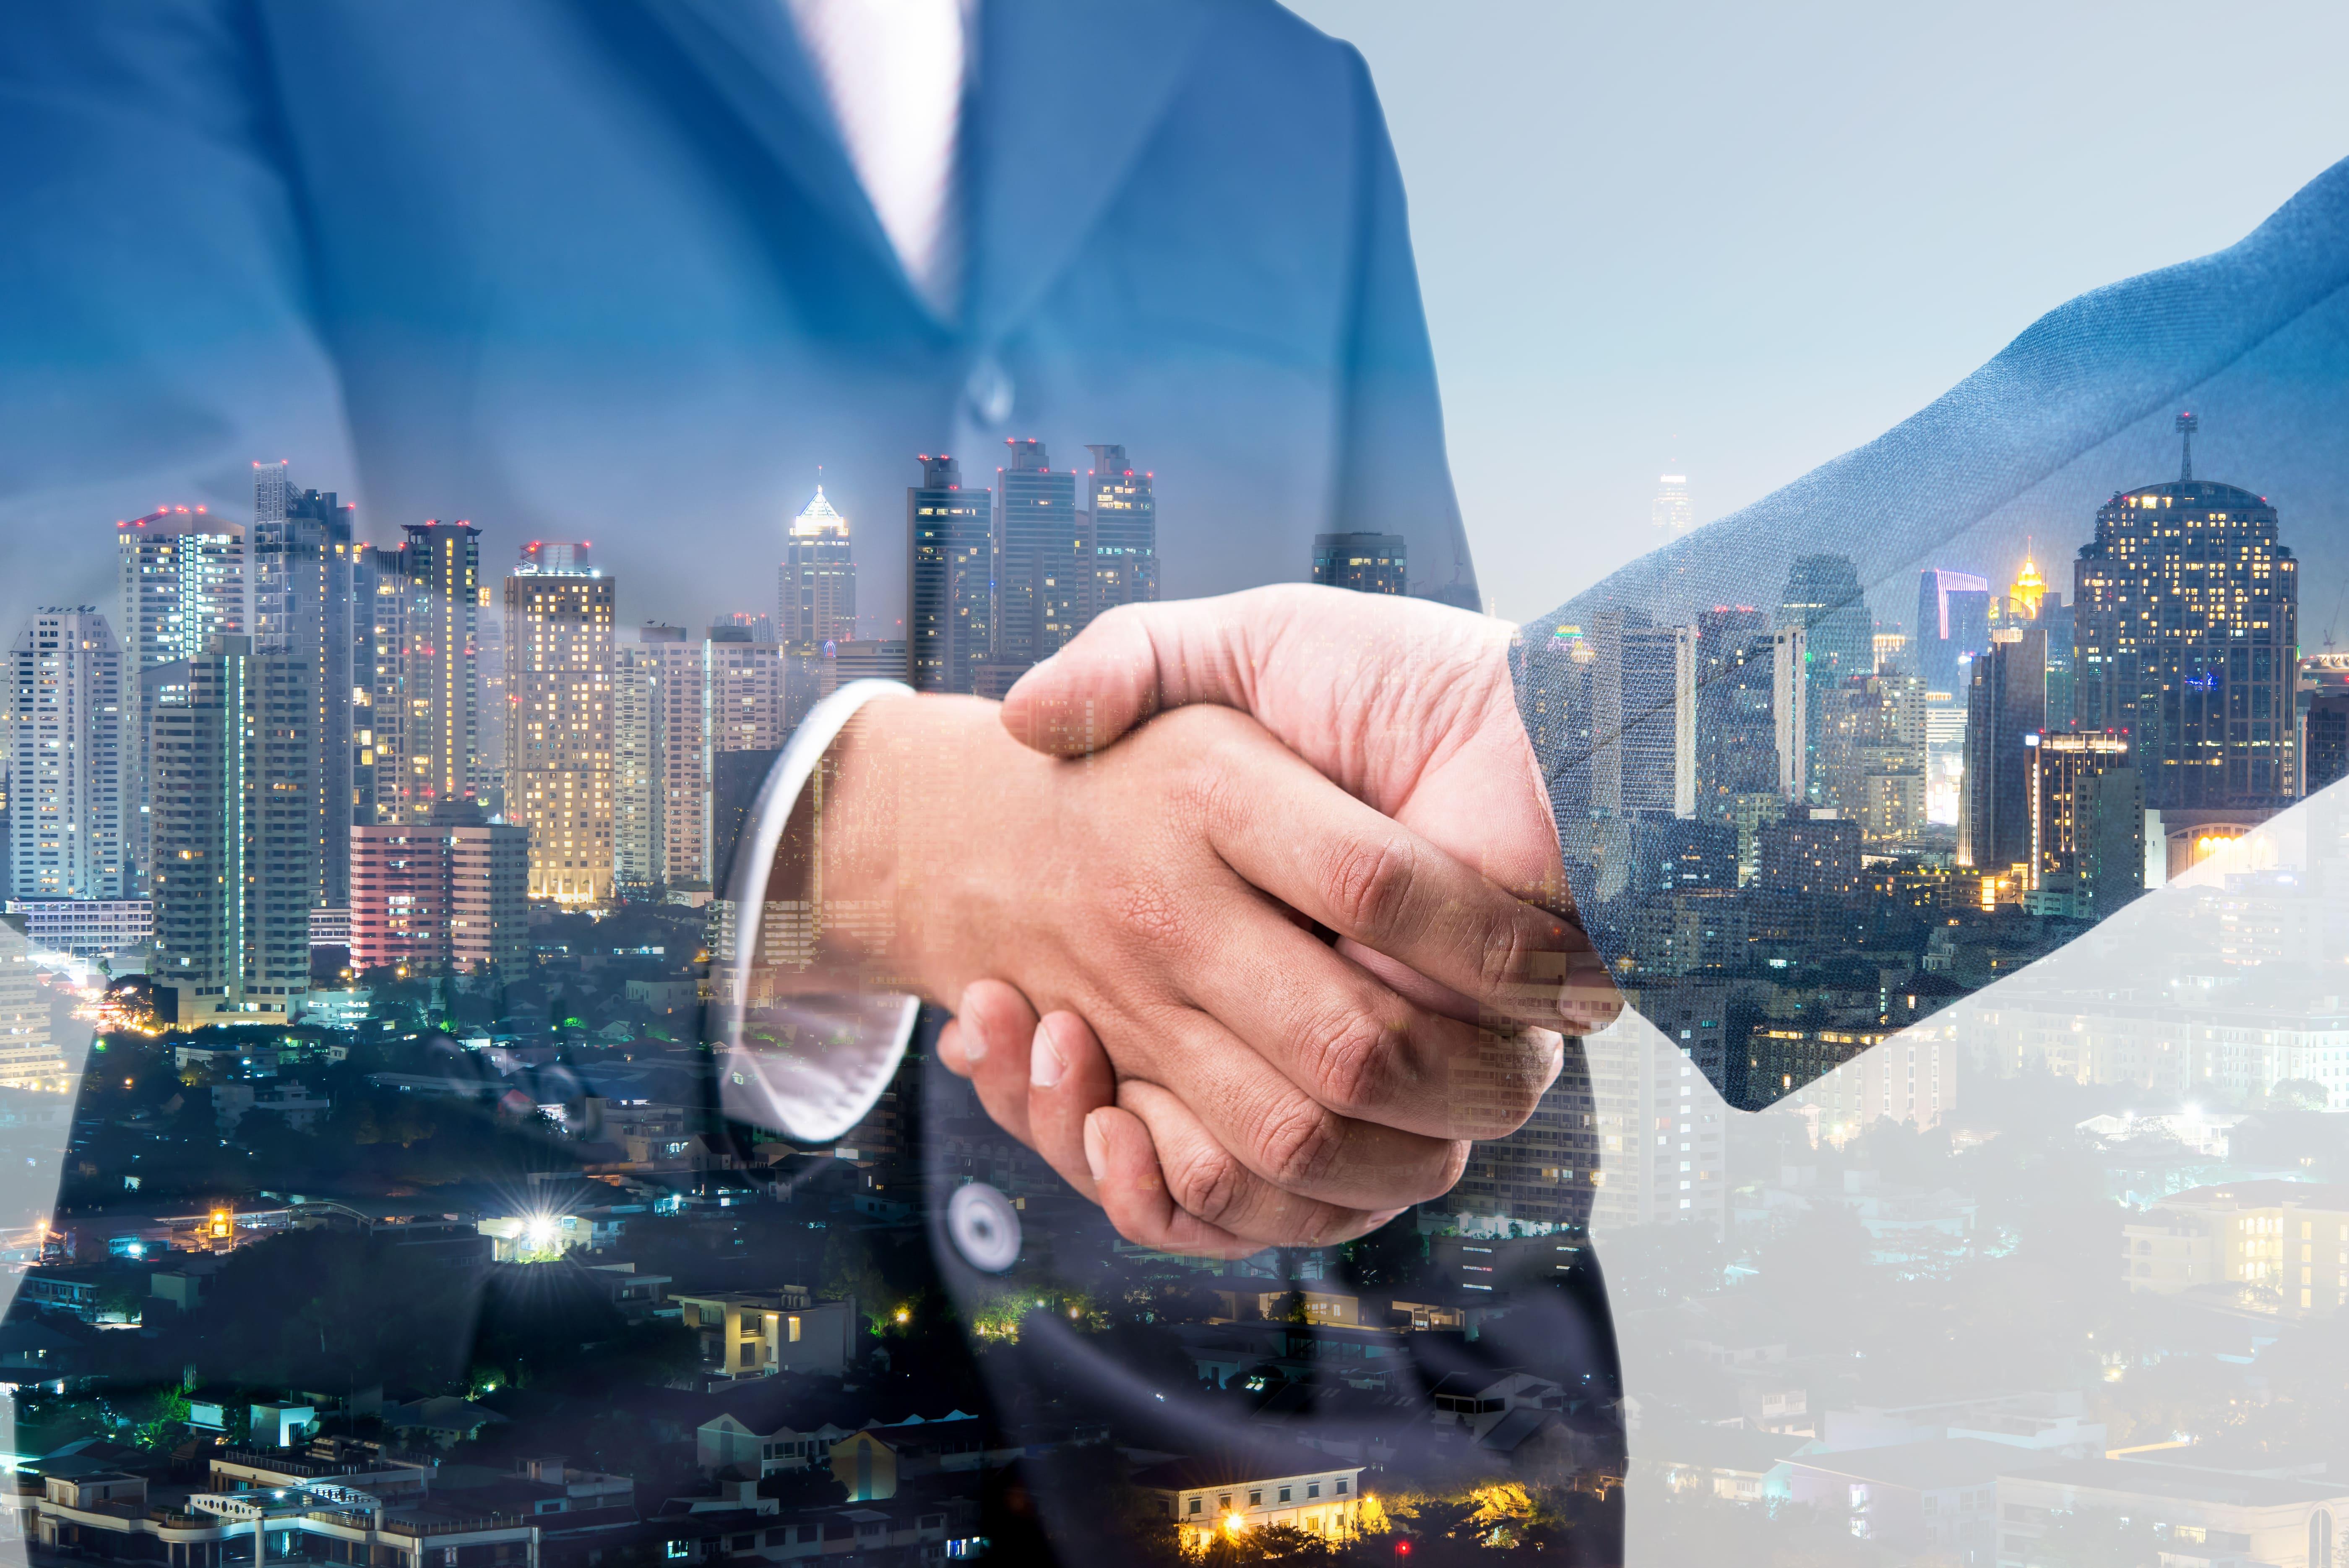 Imagem de duas pessoas apertando a mão para remeter aos empreendedores que desejam aplicar descontos saudáveis na sua empresa